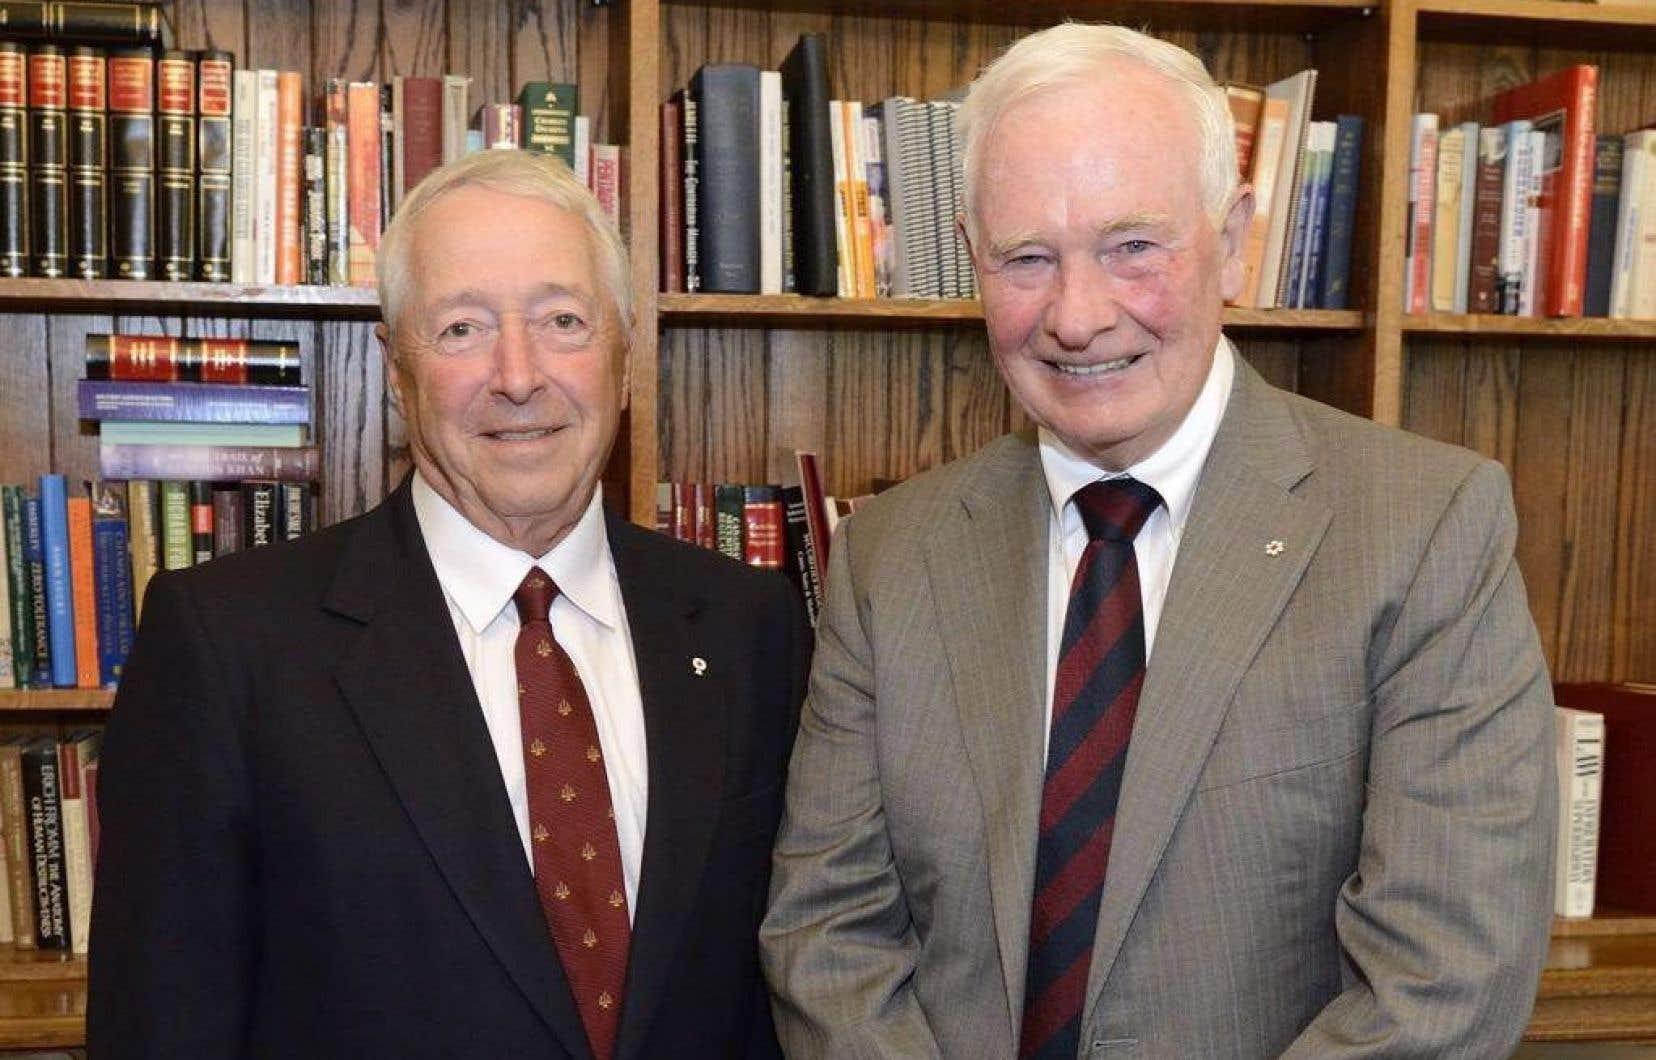 Celui qui sera élevé ce jeudi à la dignité de vice-roi, J.Michel Doyon (à gauche) pose avec le gouverneur général du Canada, Daniel Johnston, le 21juillet dernier.